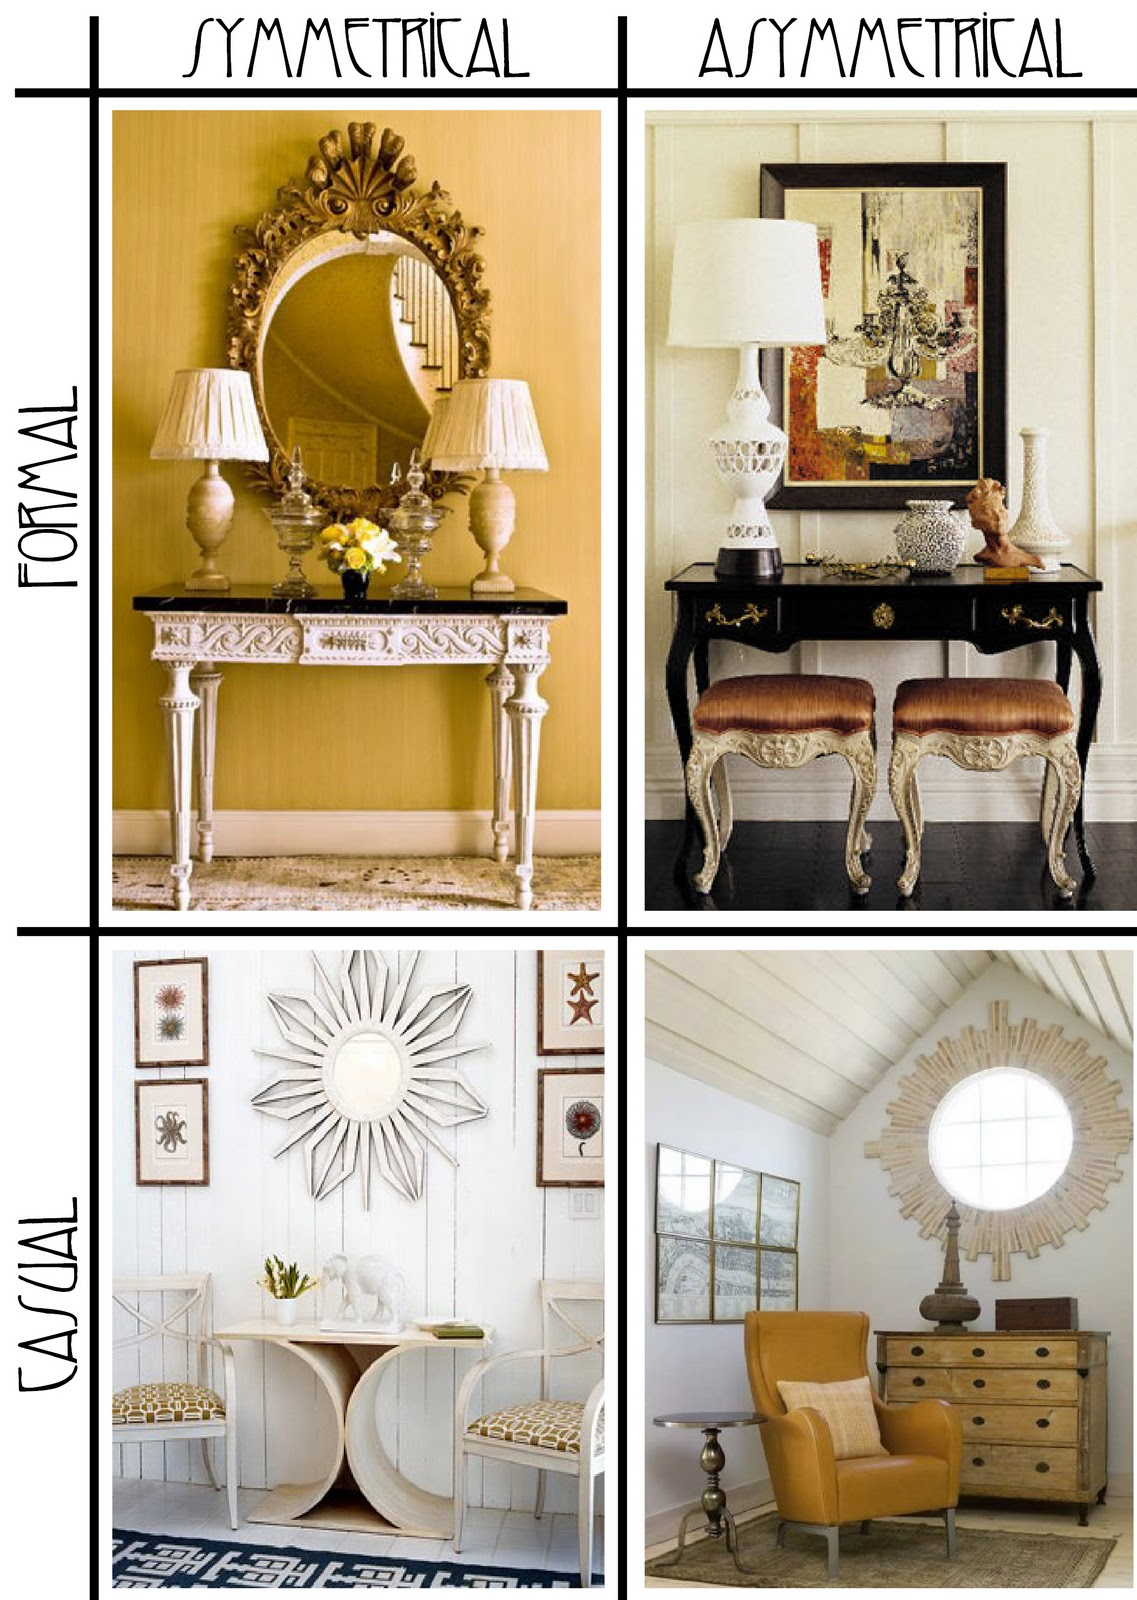 Divine consign symmetrical vs asymmetrical design for Asymmetrical balance in interior design